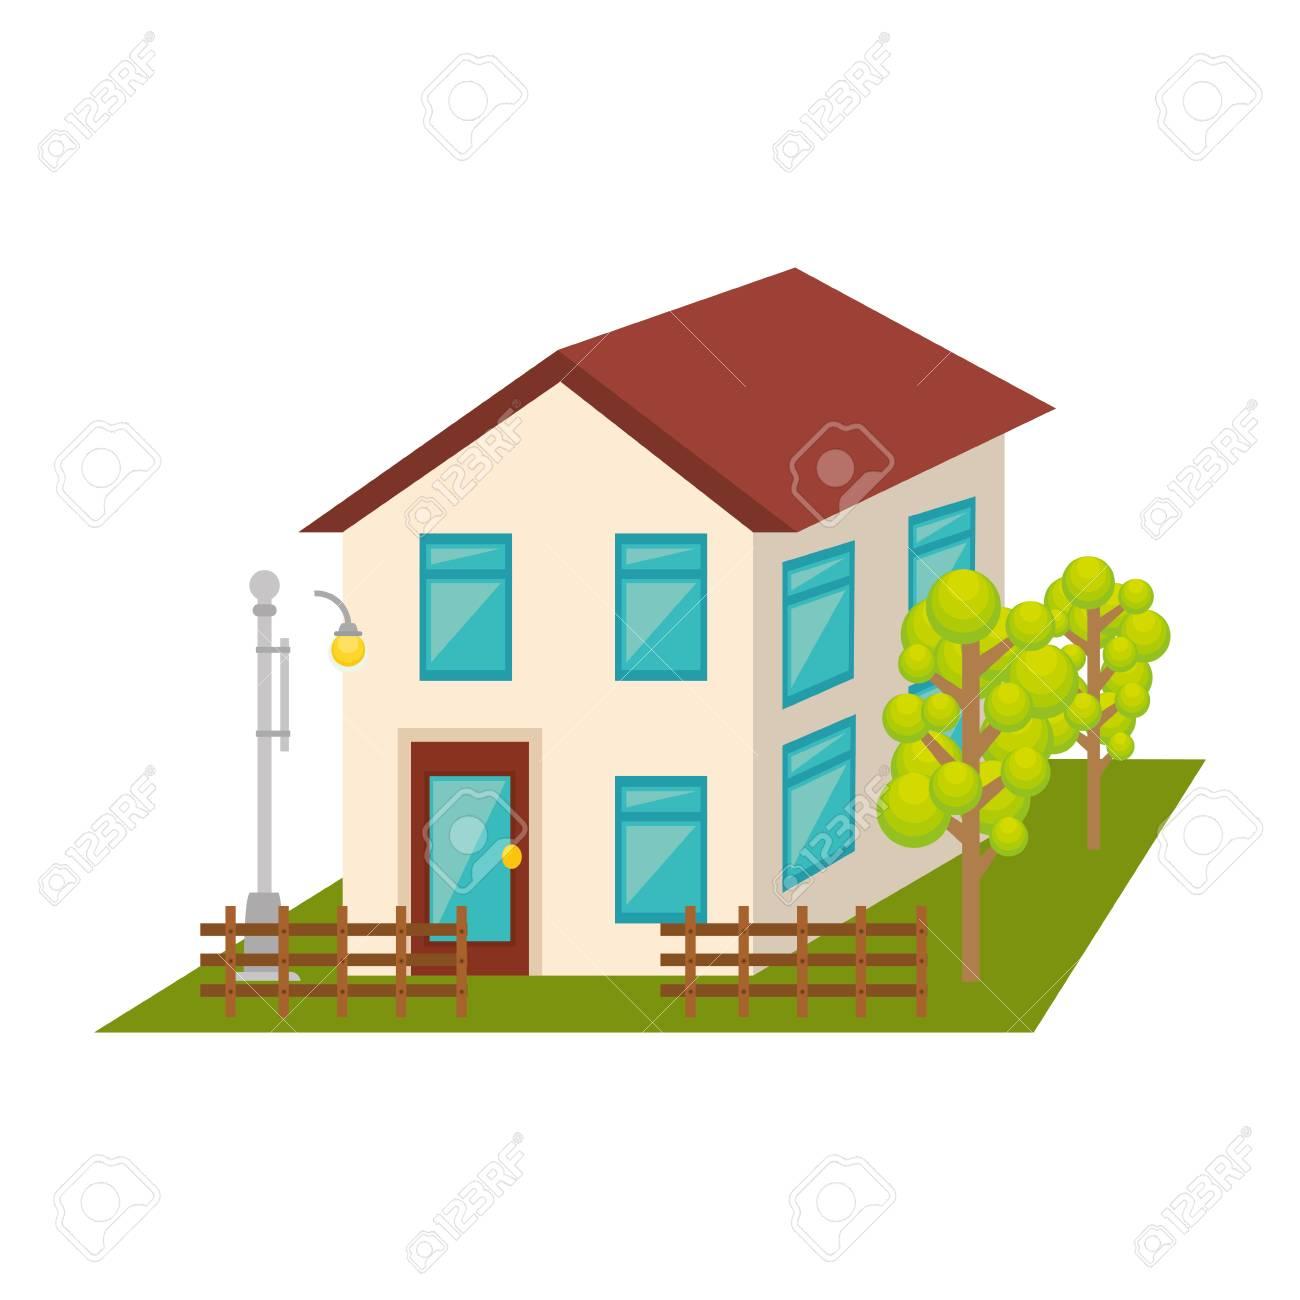 Außen Nettes Haus-Symbol Vektor-Illustration, Design, Lizenzfrei ...